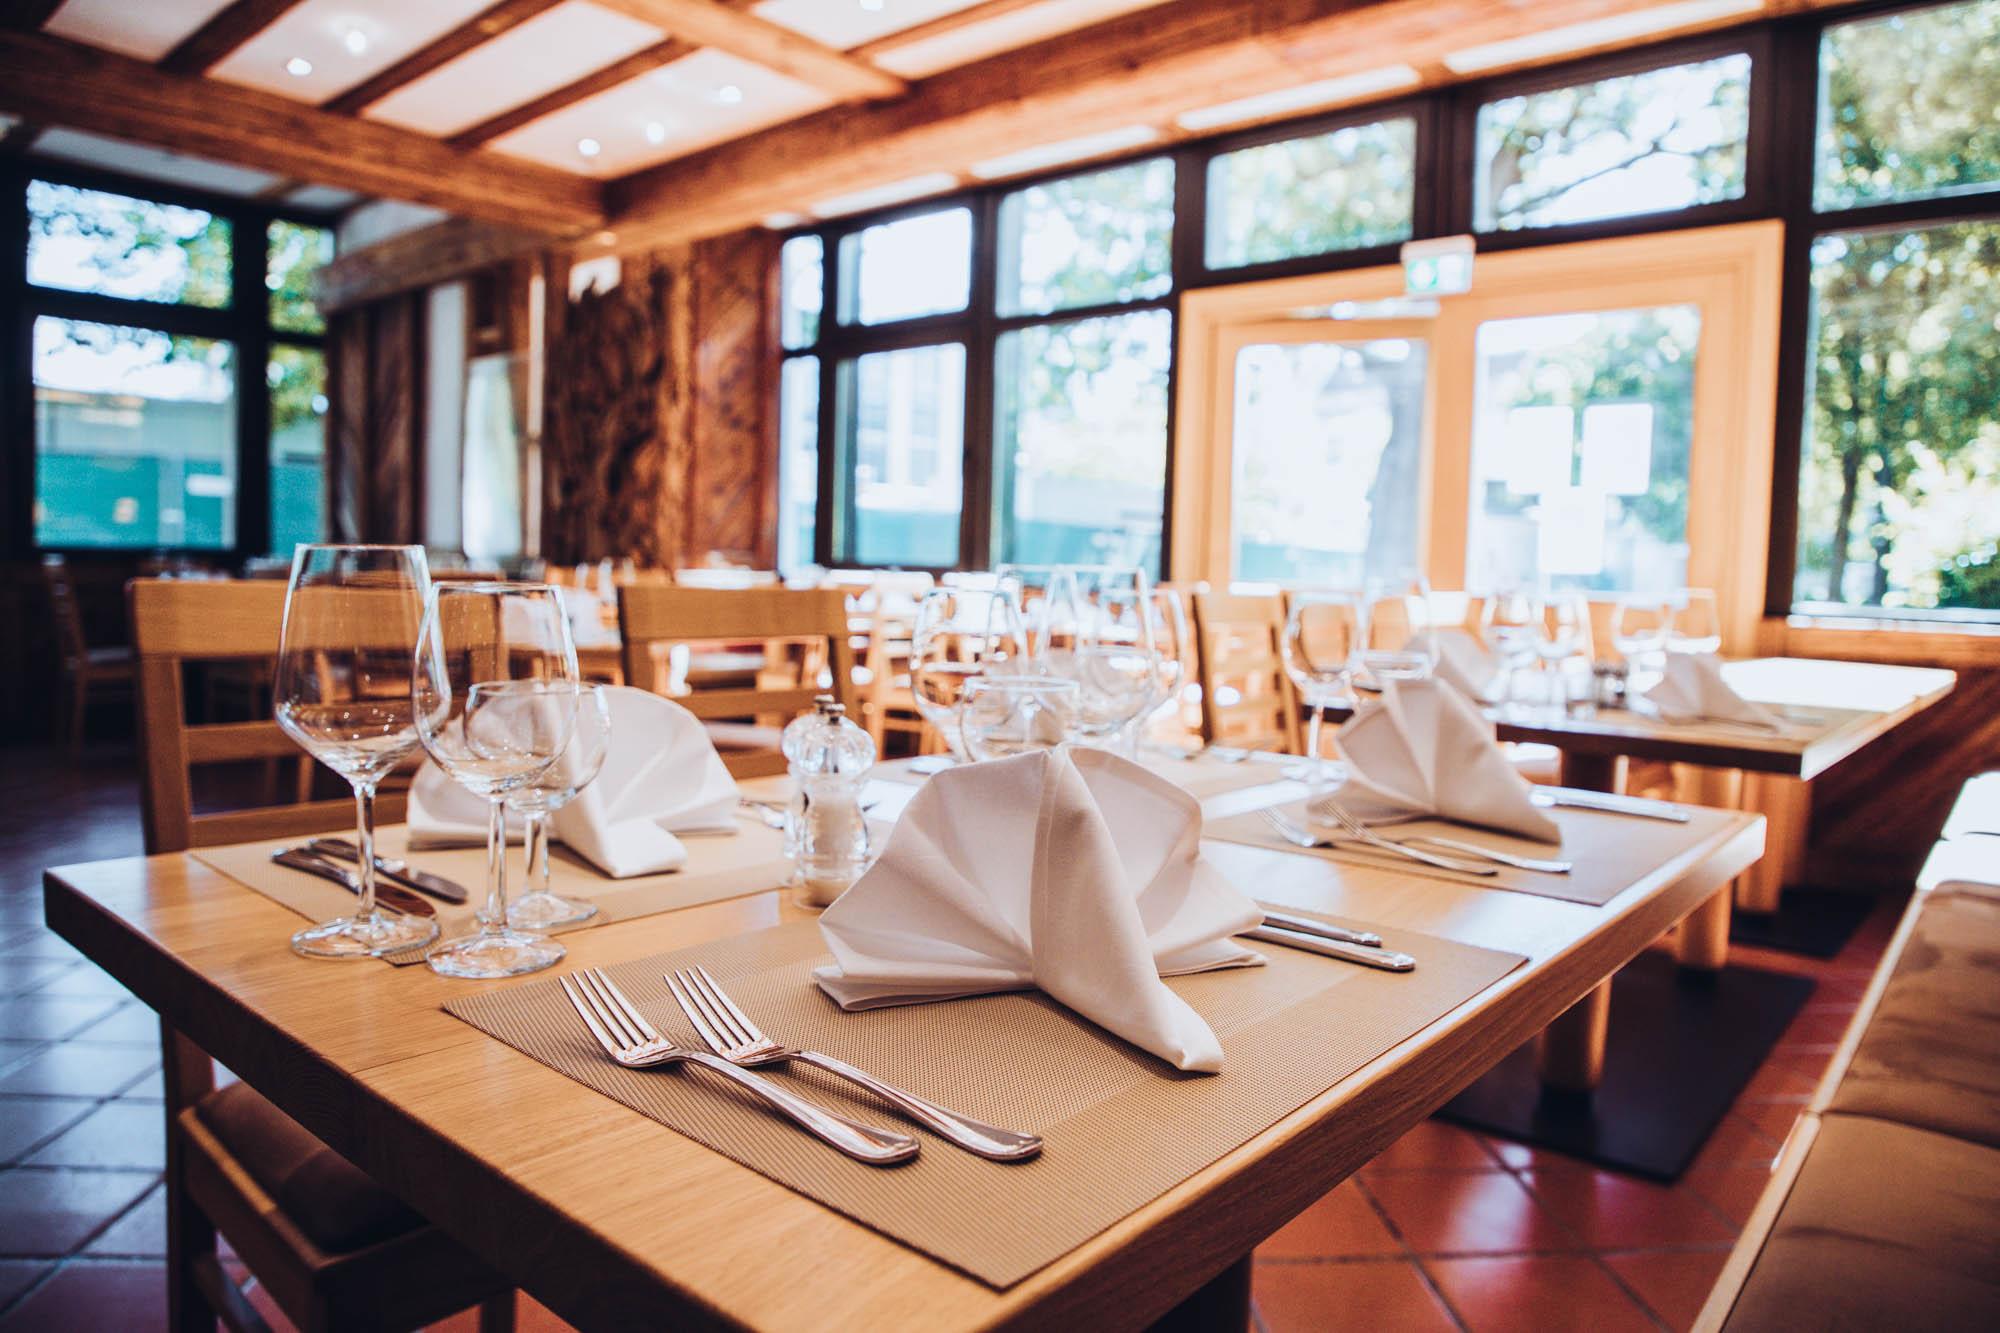 GAVESI Restaurant pureCUISINE mit Biergarten in Eching